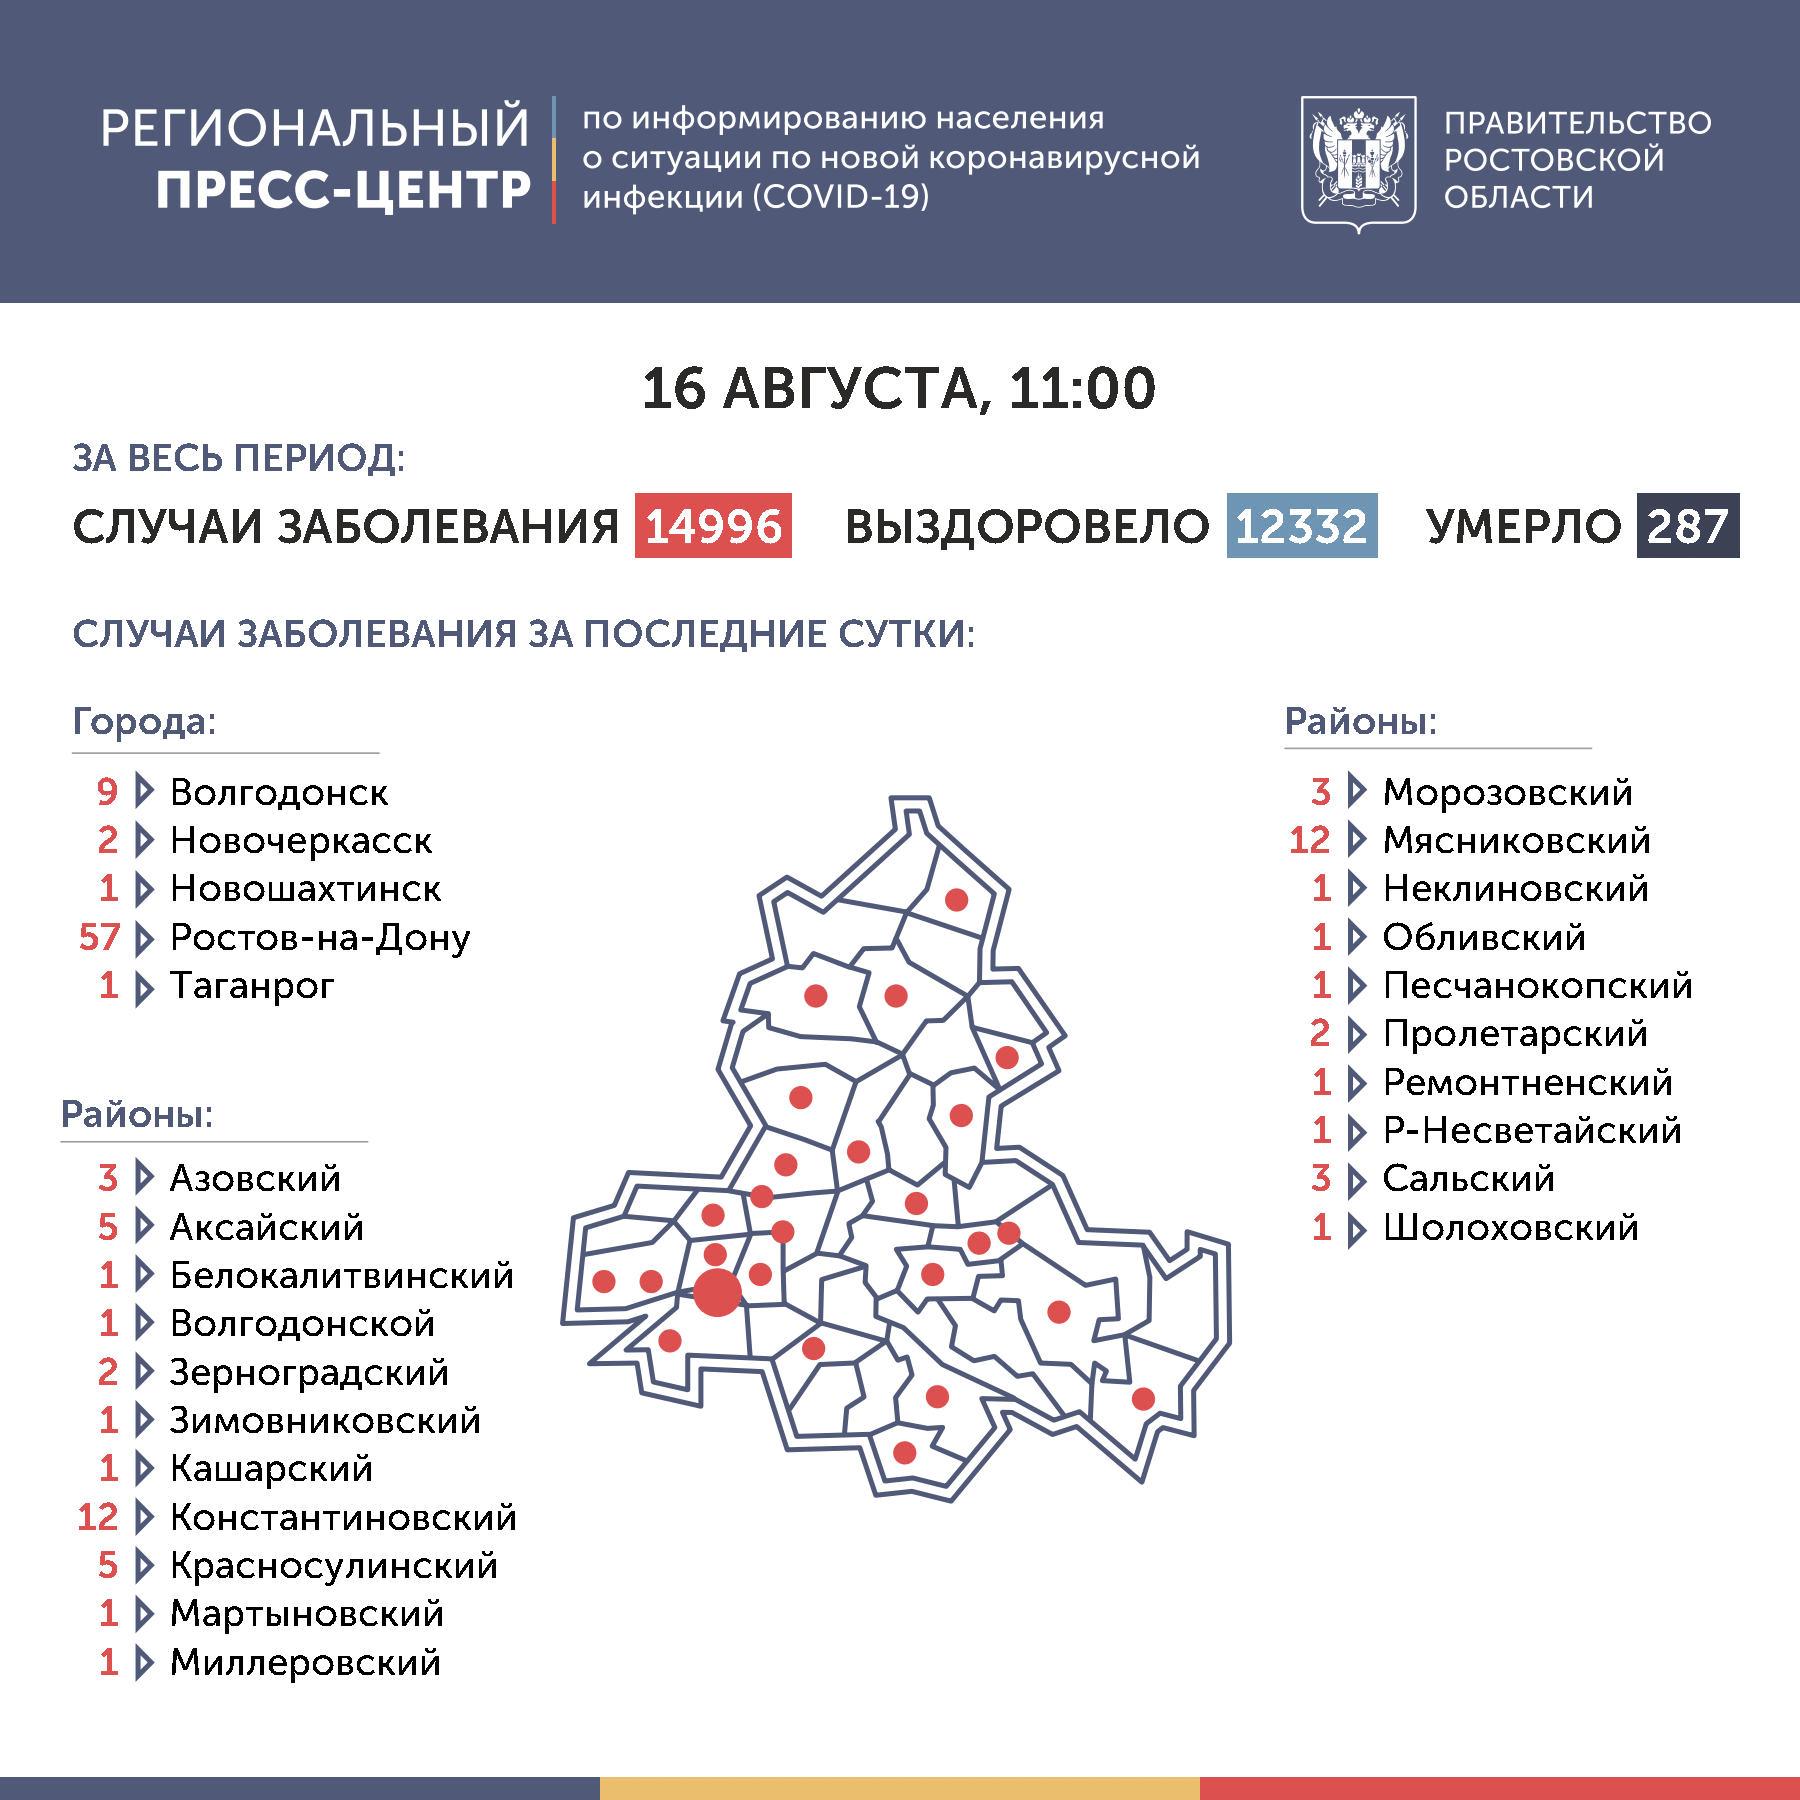 Коронавирус в Ростове-на-Дону 16 августа 2020 года